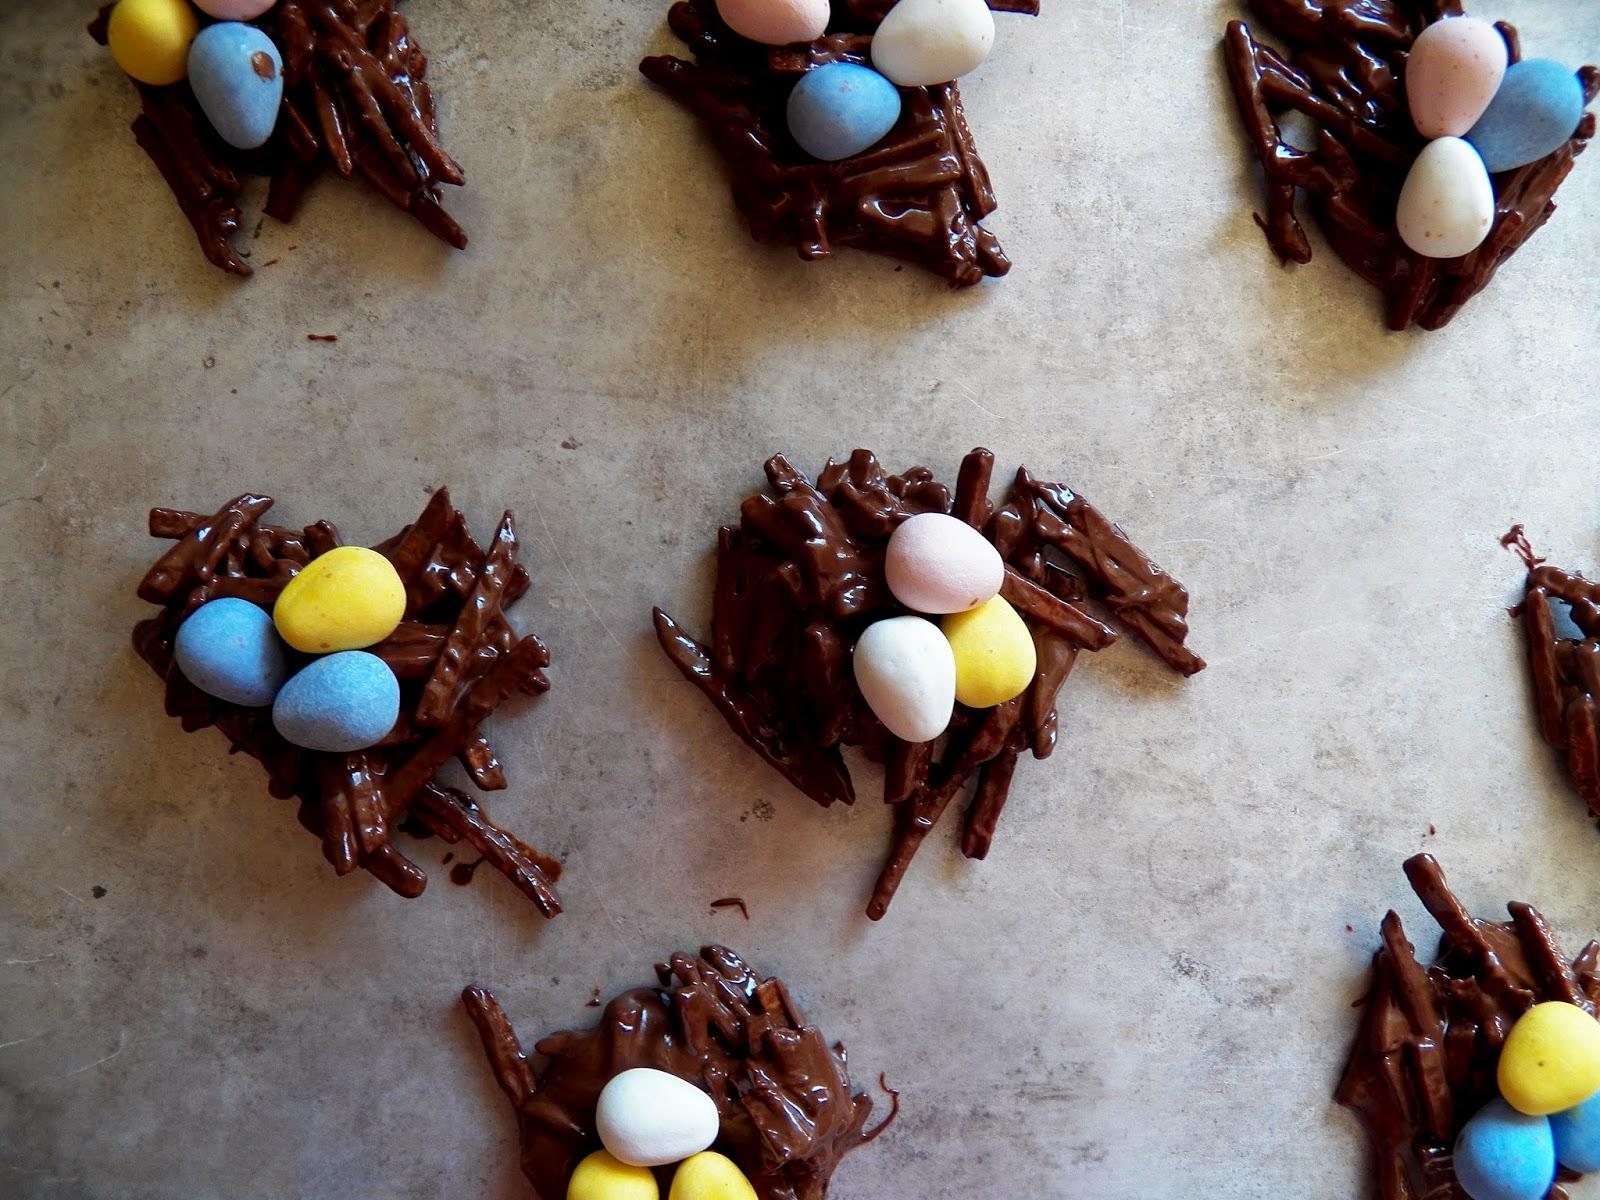 Шоколадные гнезда. Медиапроект s-t-o-l.com